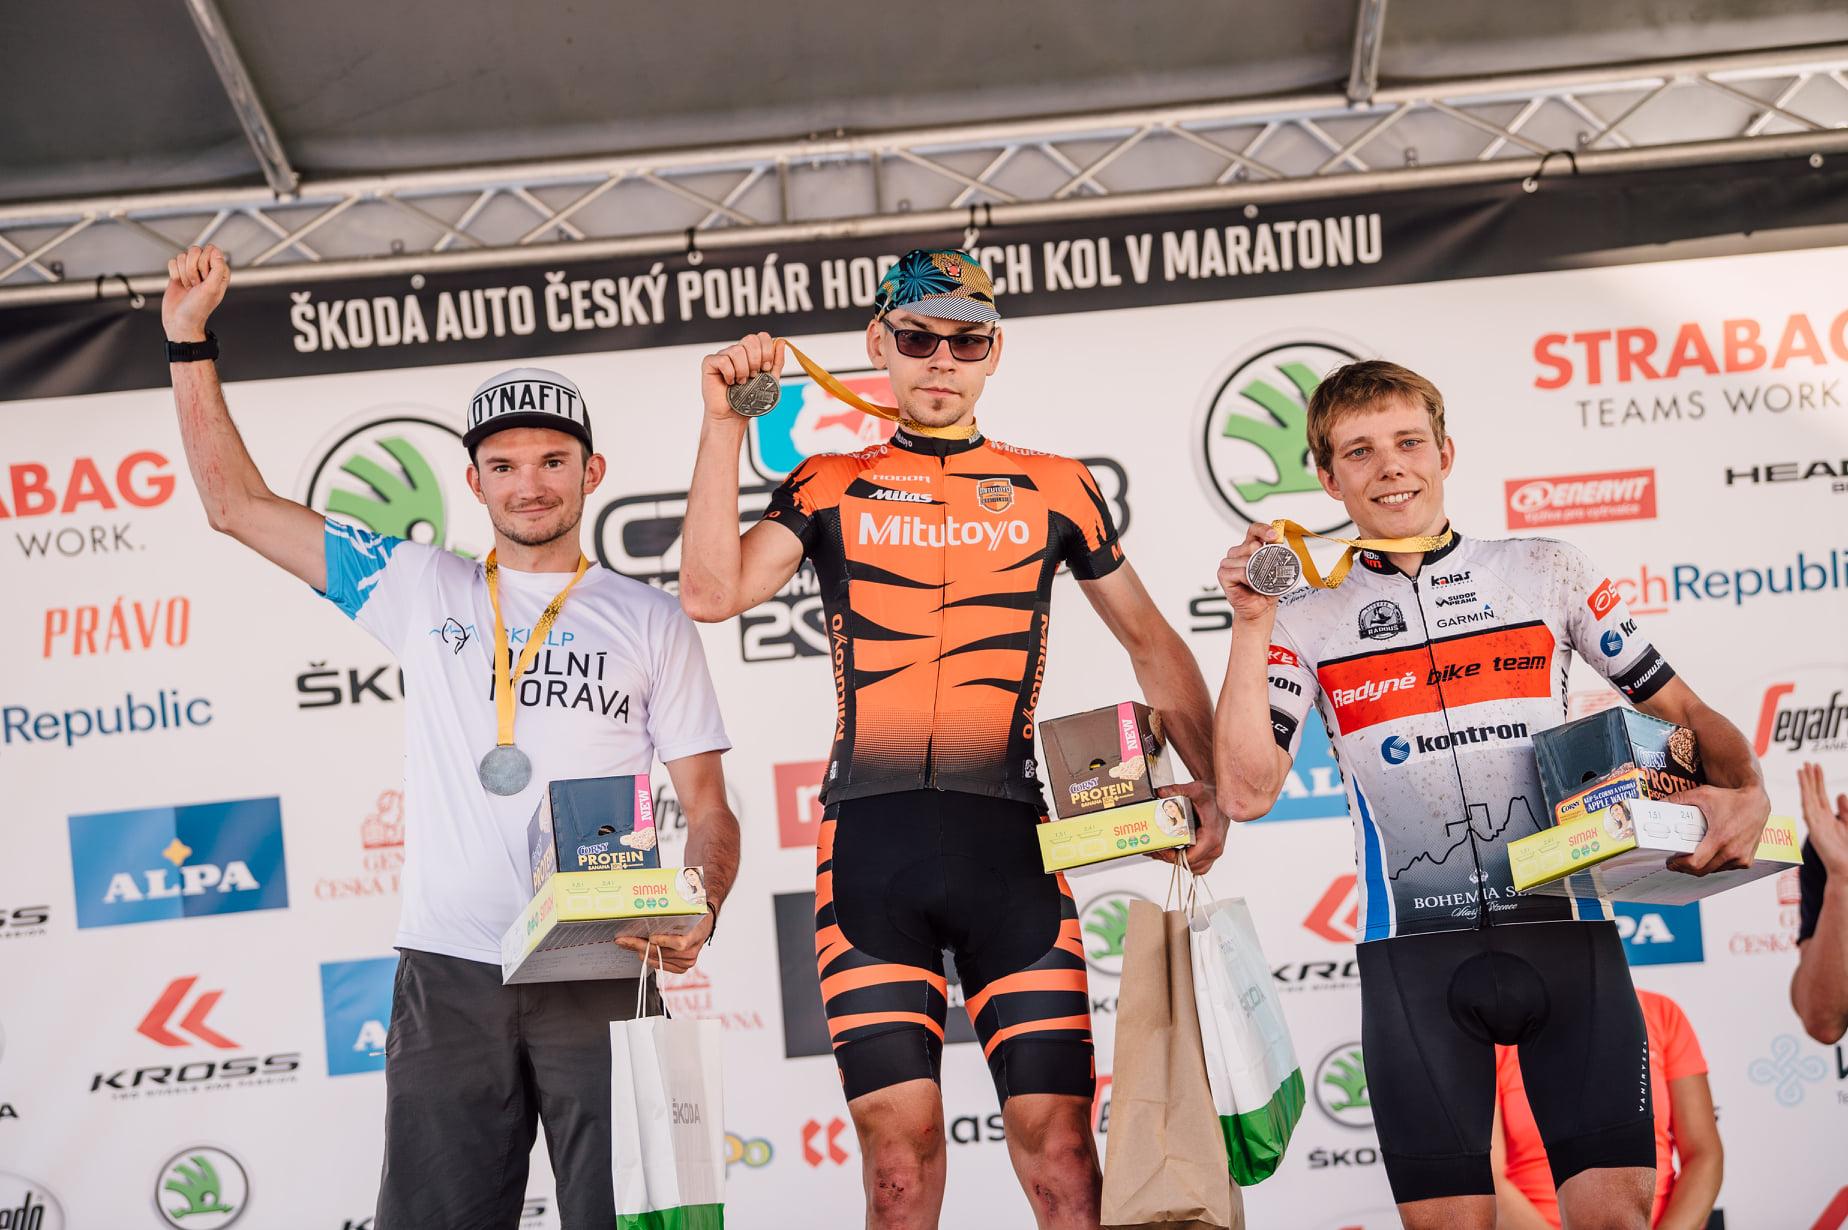 Łukasz Klimaszewski (Mitutoyo AZS Wratislavia Wrocław) – Nova Cup, Czechy